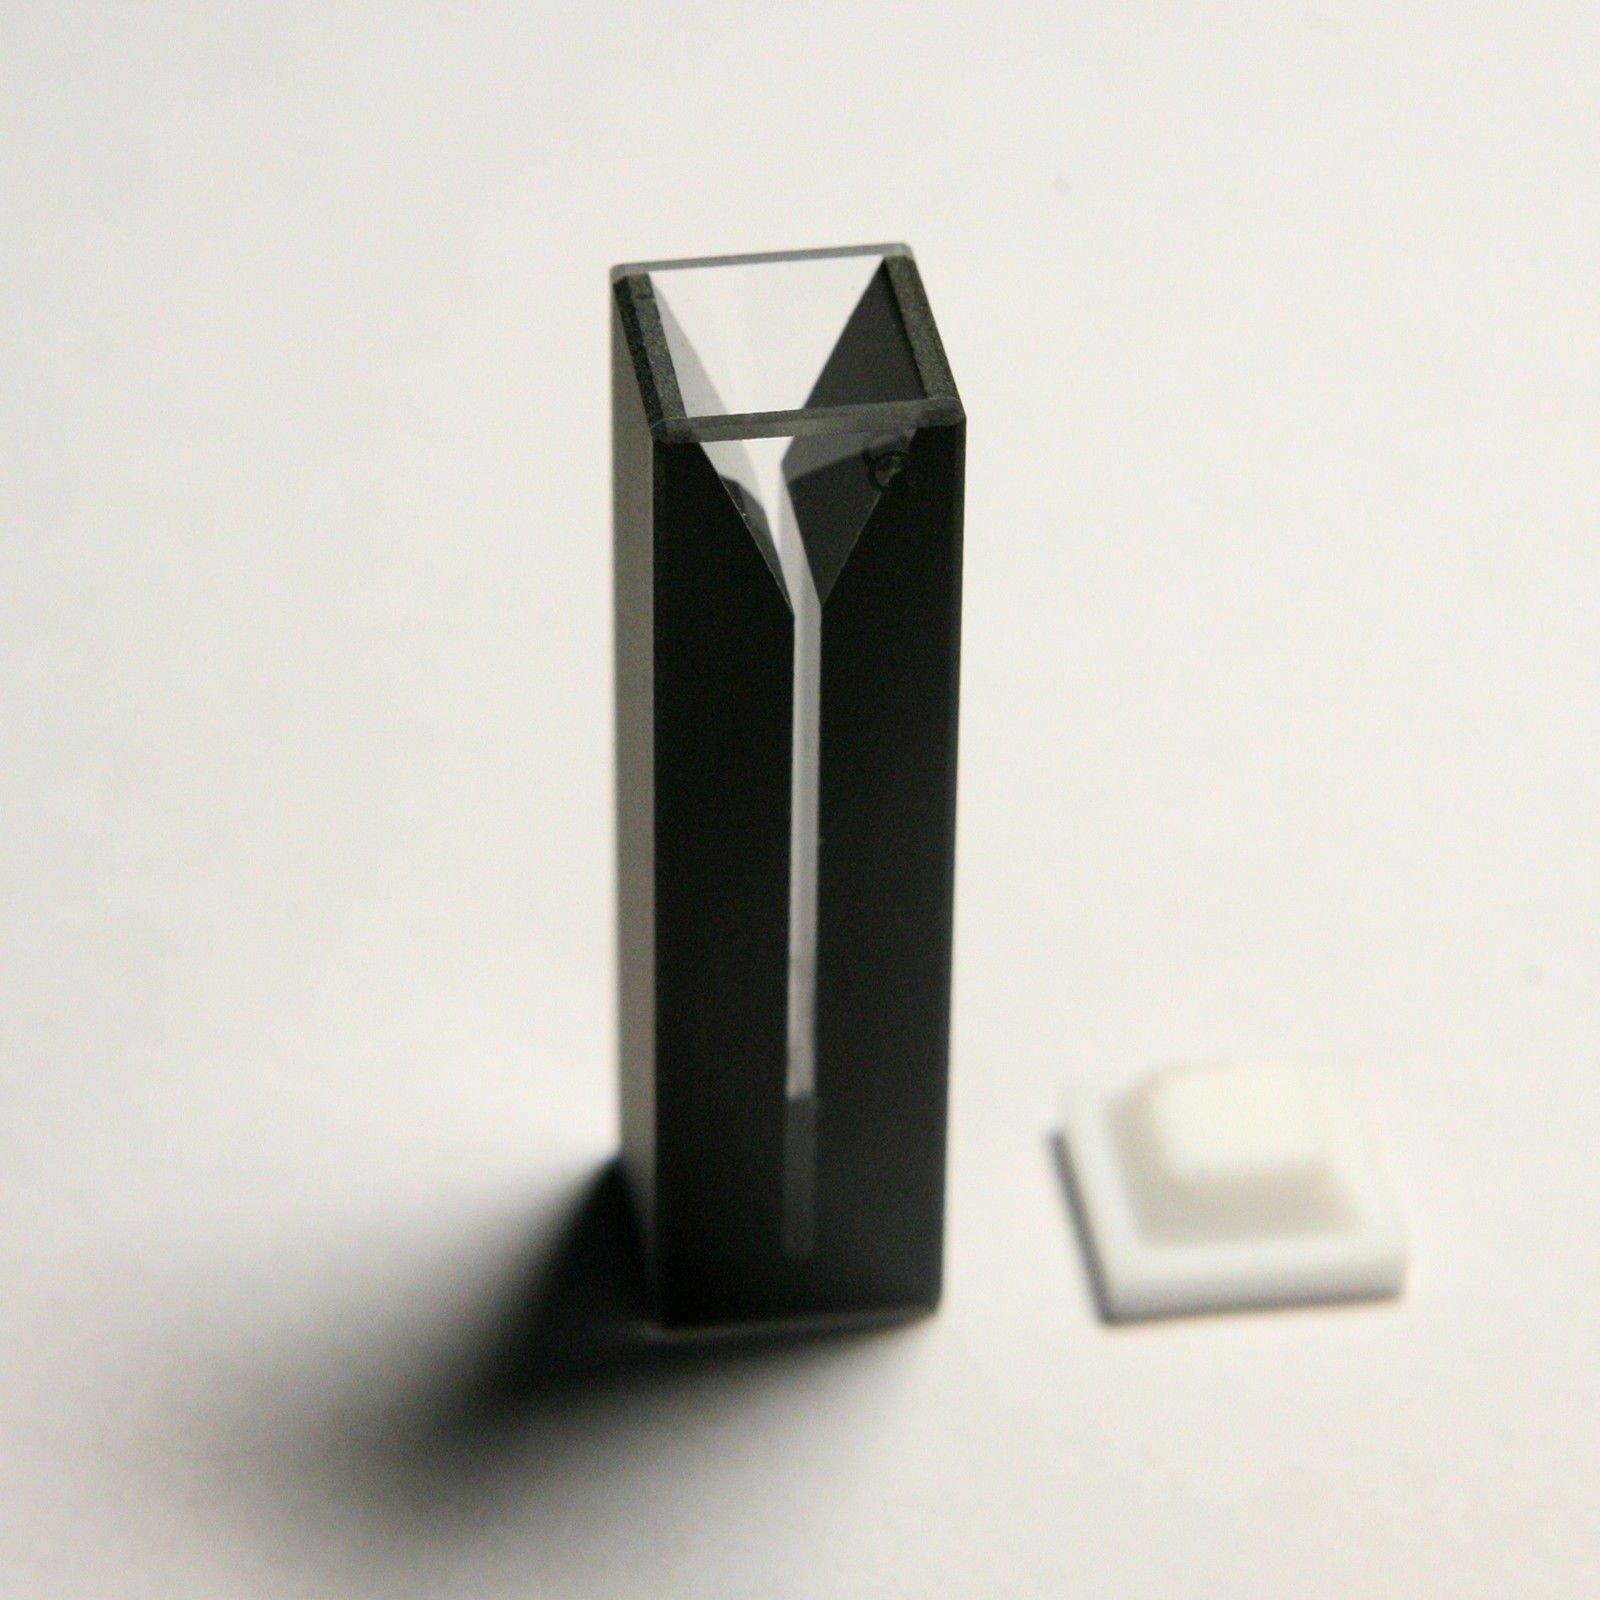 Micro Quartz Cuvette, Black, 1mm slit, 0.4ml, Spectrometer Cell